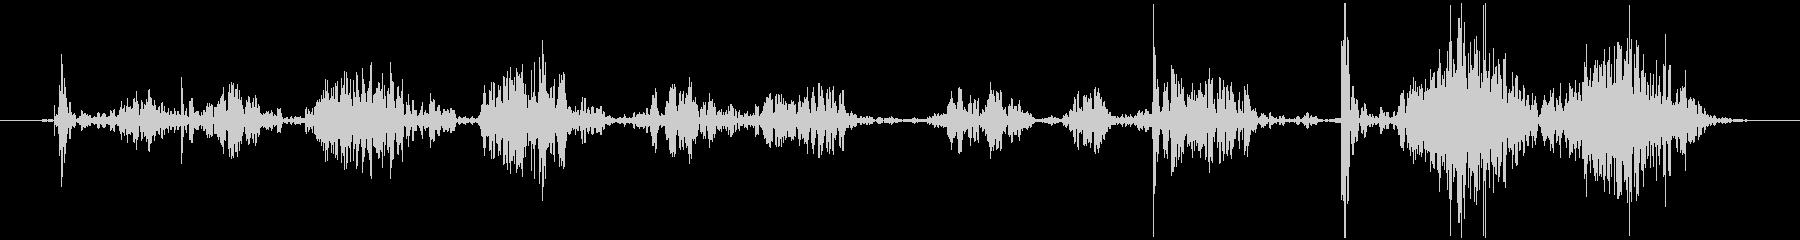 ボールペンで サインする音の未再生の波形